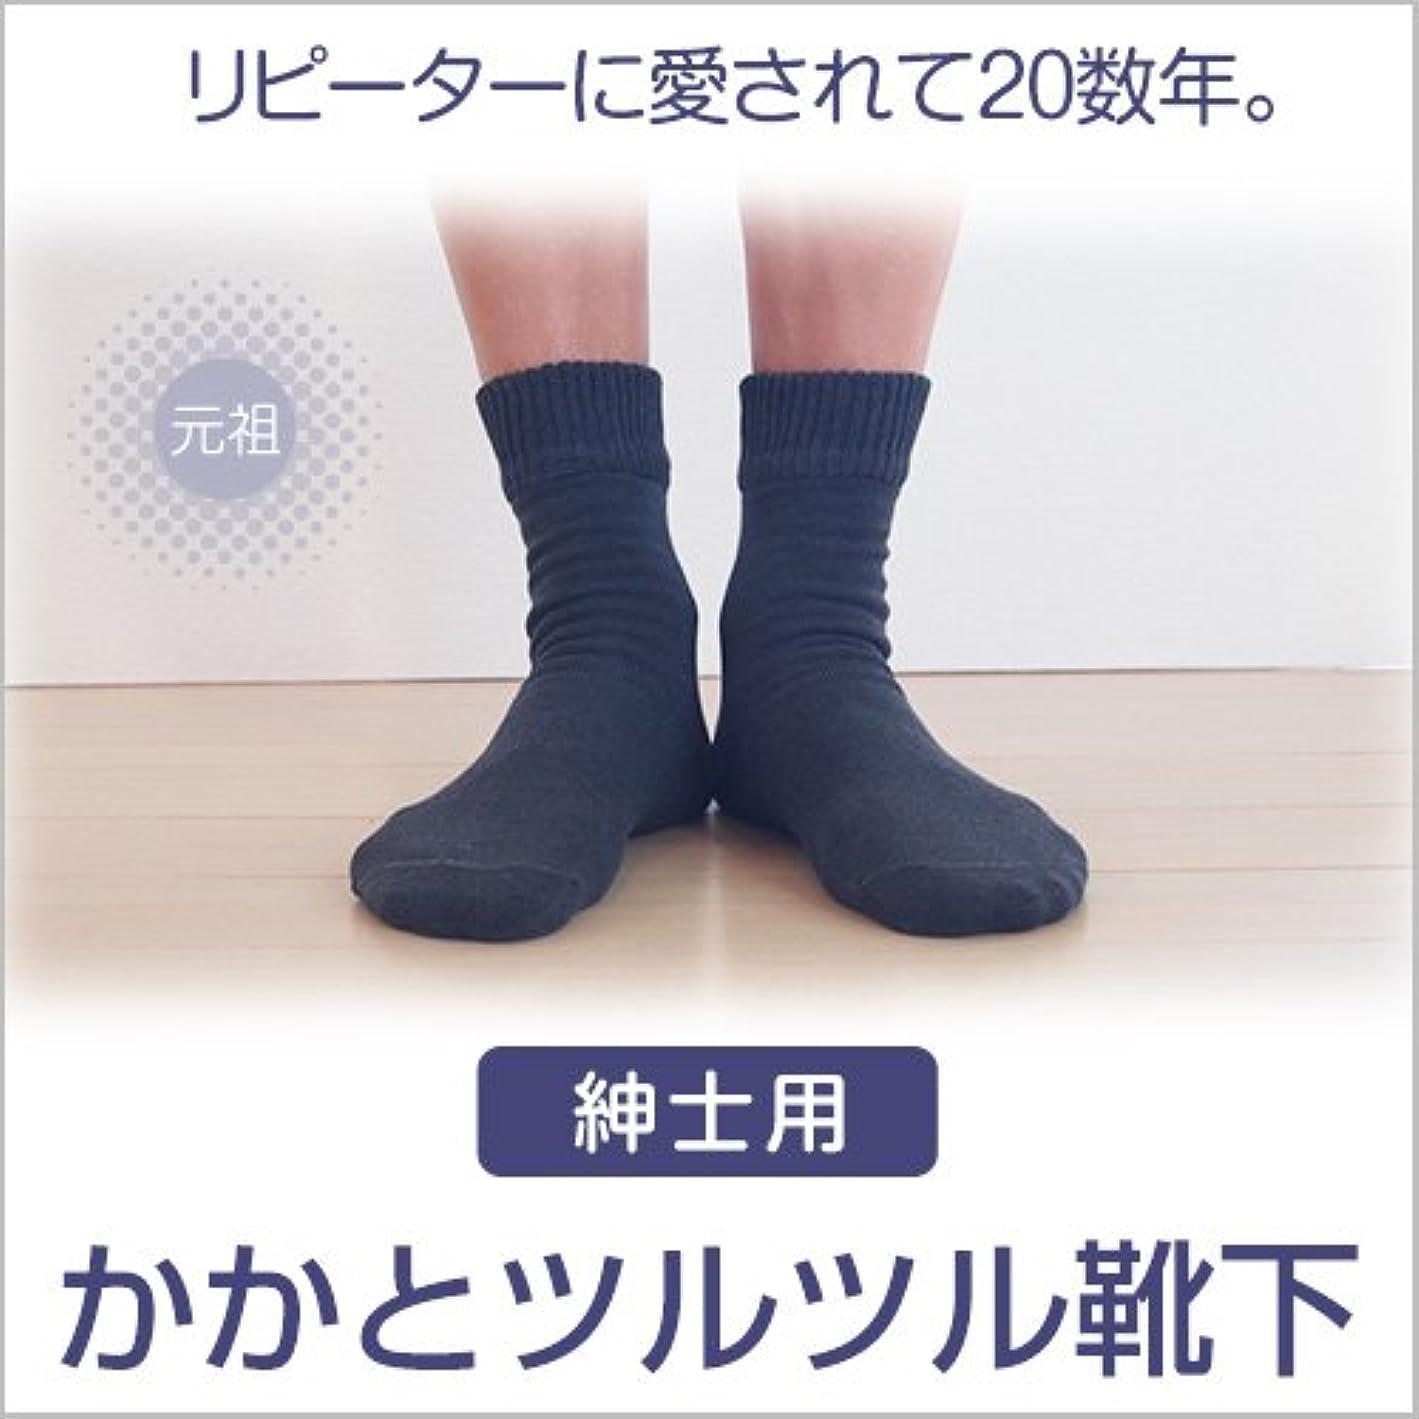 一元化する第三公然と男性用 かかと ツルツル 靴下 ブラック 24-26cm 角質 ケア ひび割れ対策 太陽ニット 700